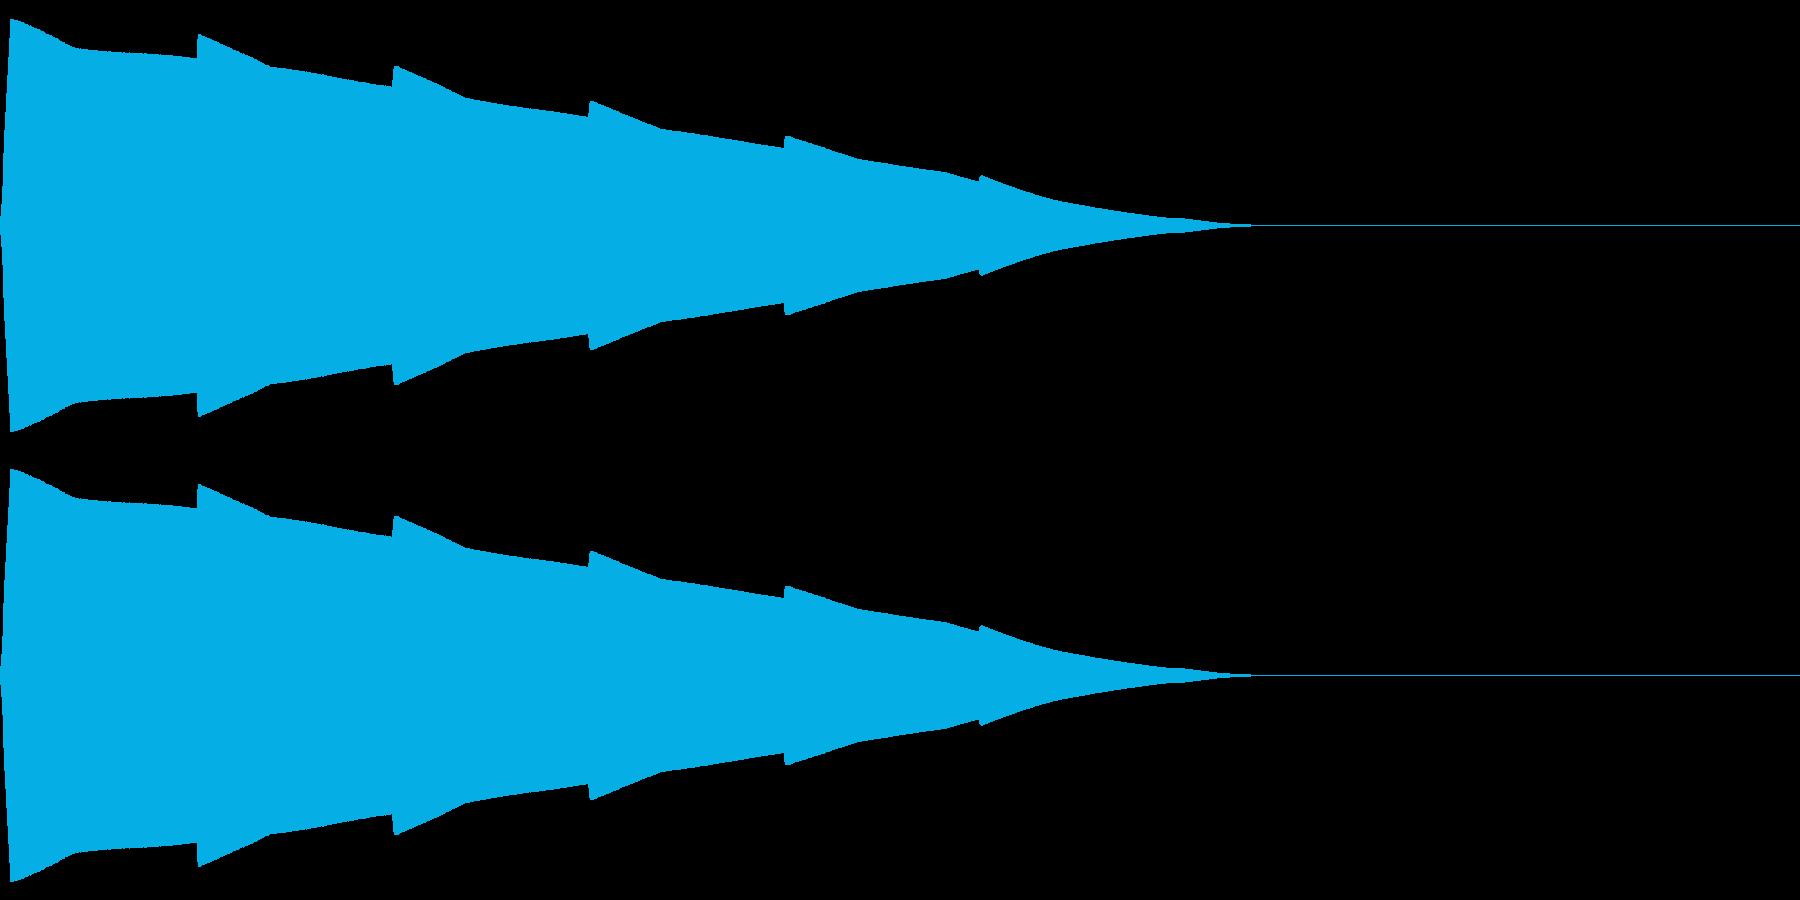 ポーンポーン(エラー宇宙/ファミコンSFの再生済みの波形